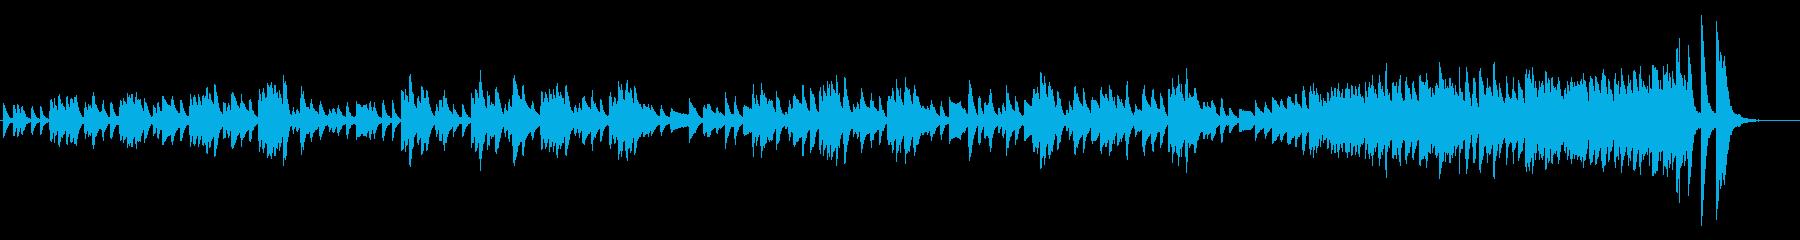 クラシック 気分が良い ピアノ ク...の再生済みの波形